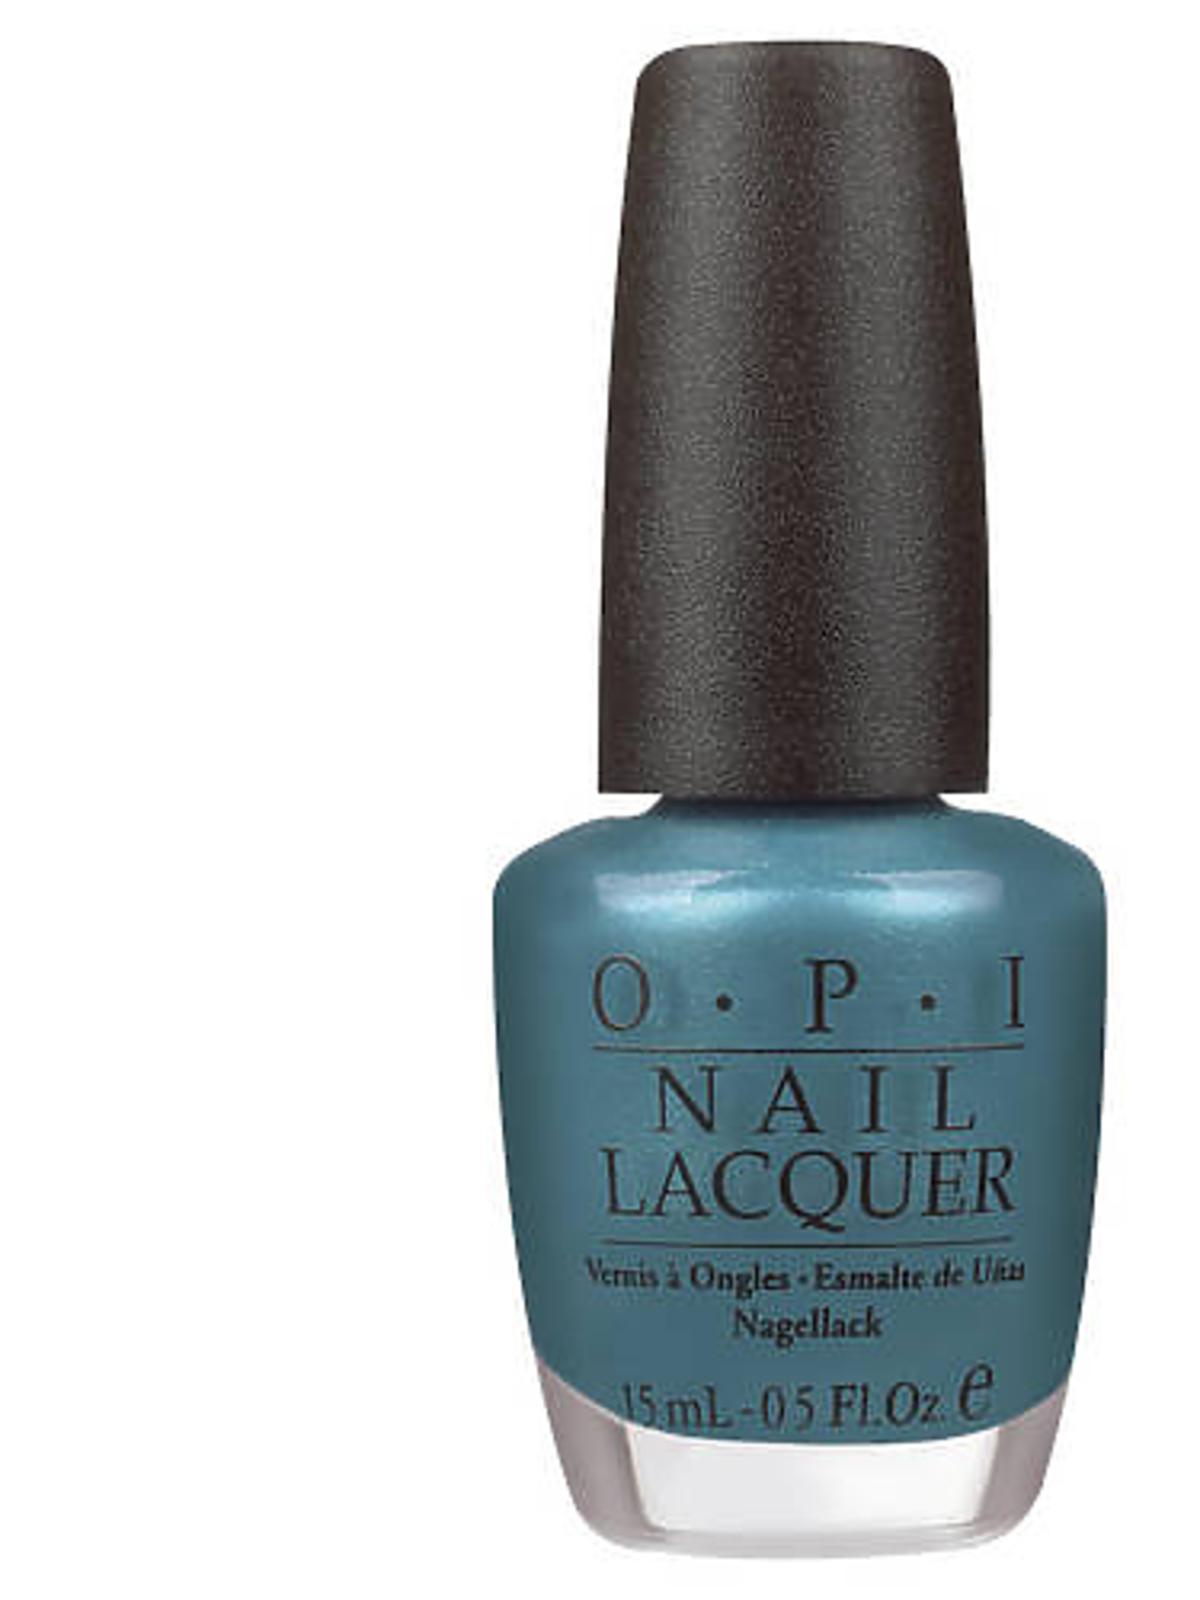 Wyprzedaże Sephora 2016 zima: OPI Lakiery do paznokci, cena: 25,90 zł (z 49 zł, wybrane odcienie)